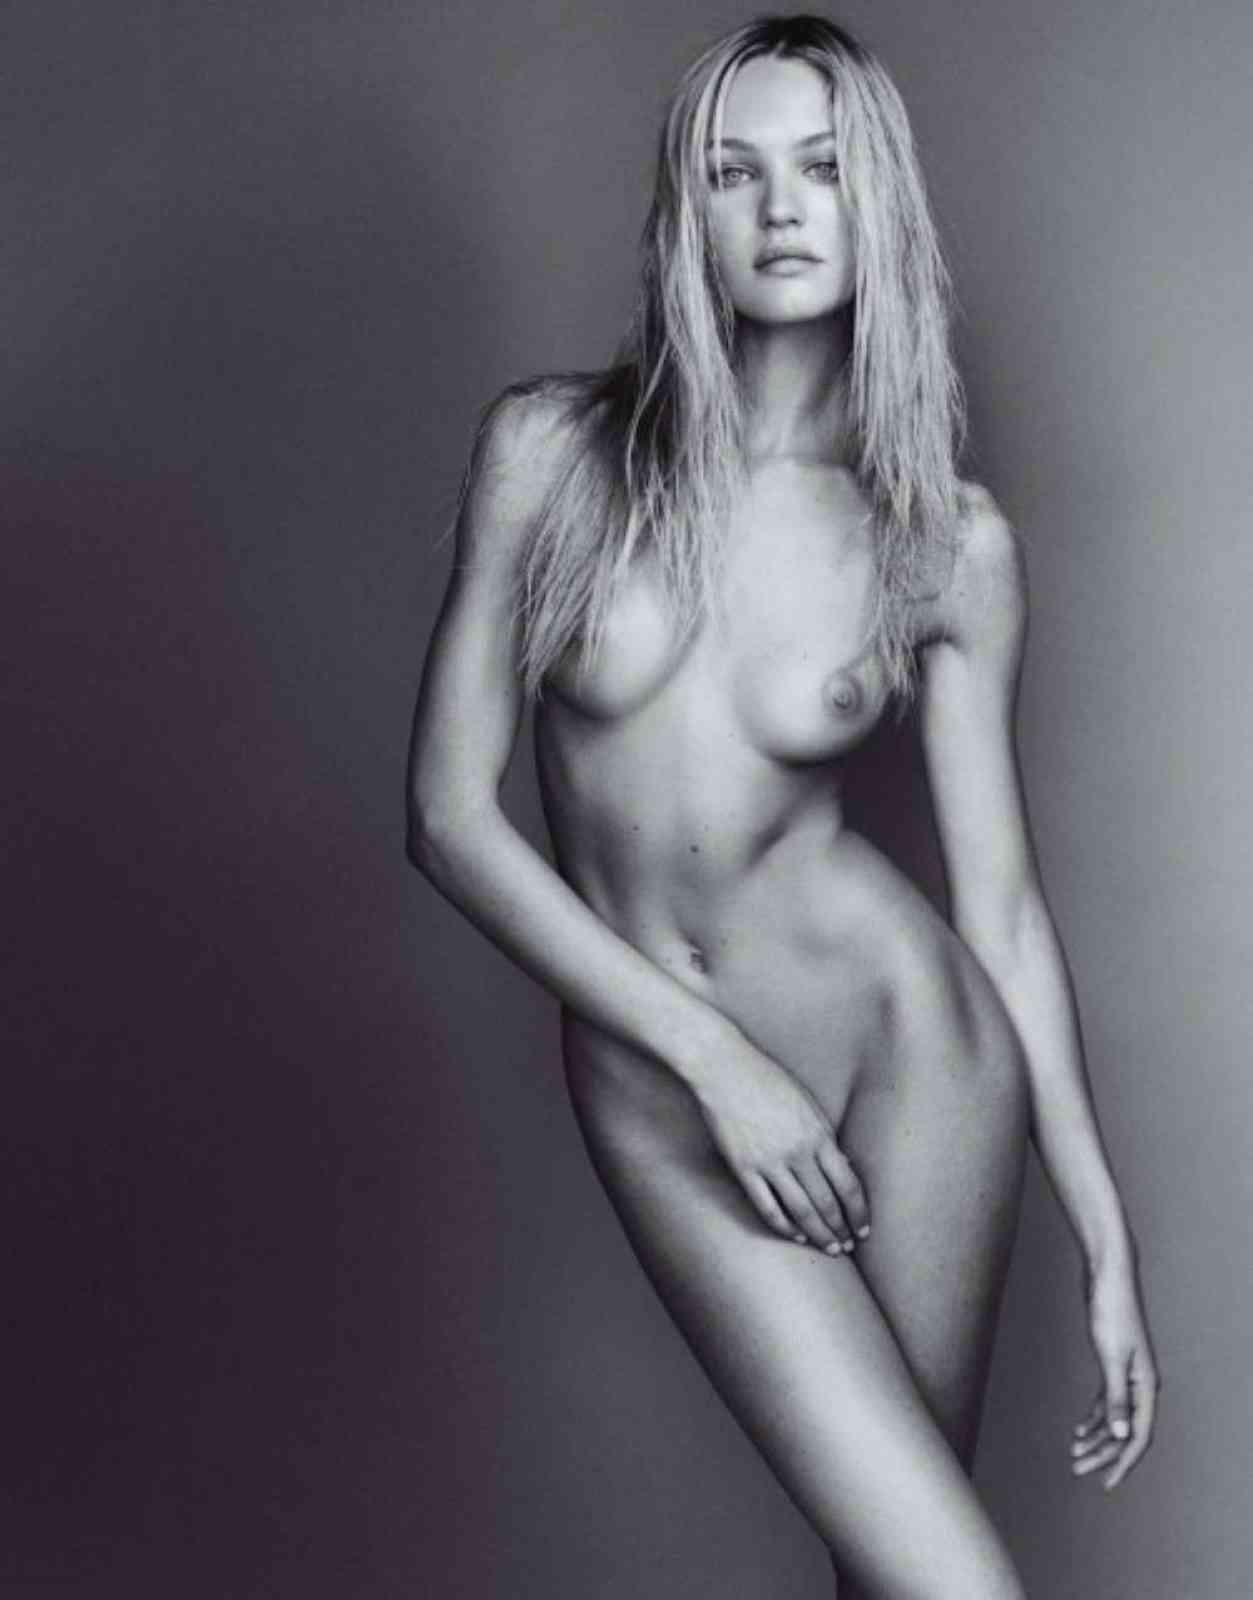 Candice nude